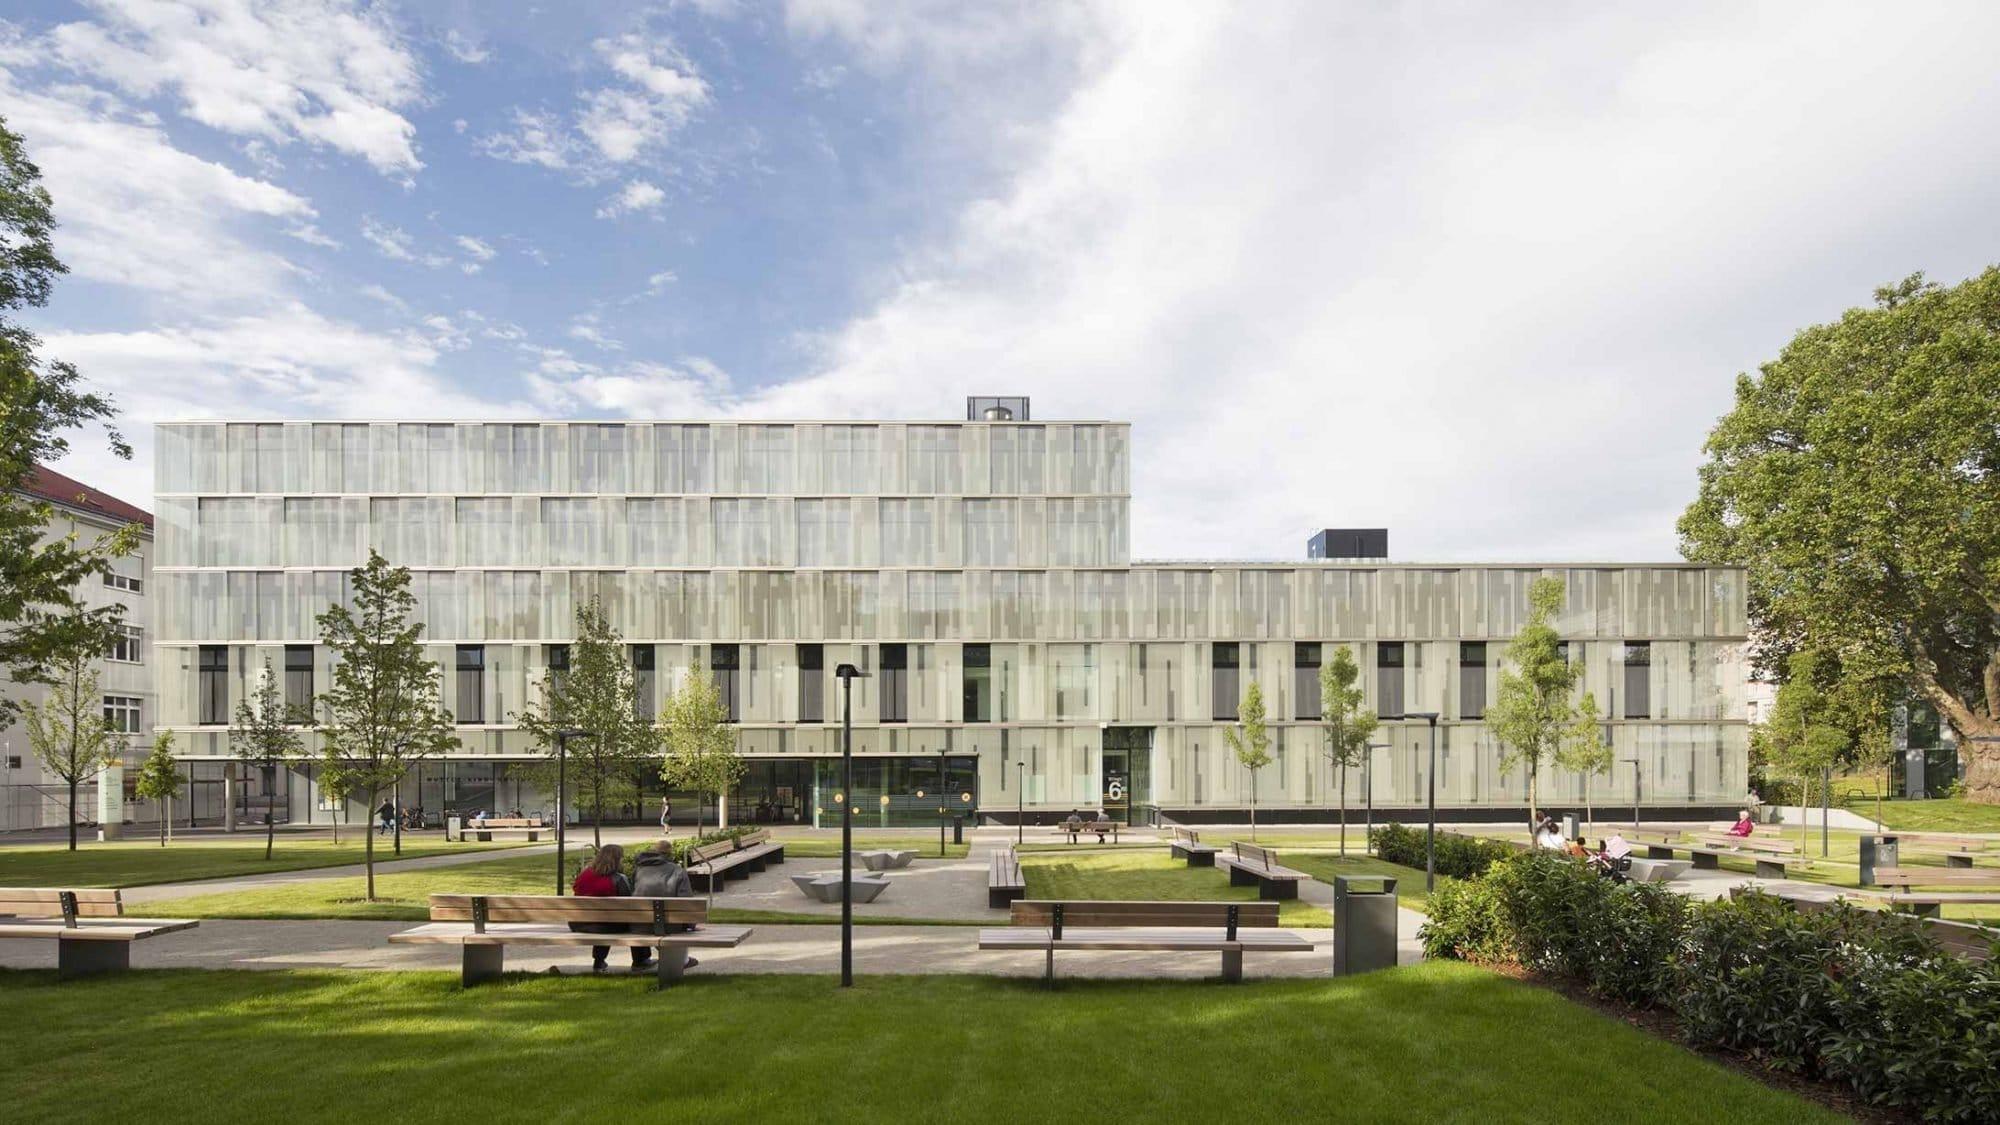 Healing Architecture am Beispiel des Spitals in Wien